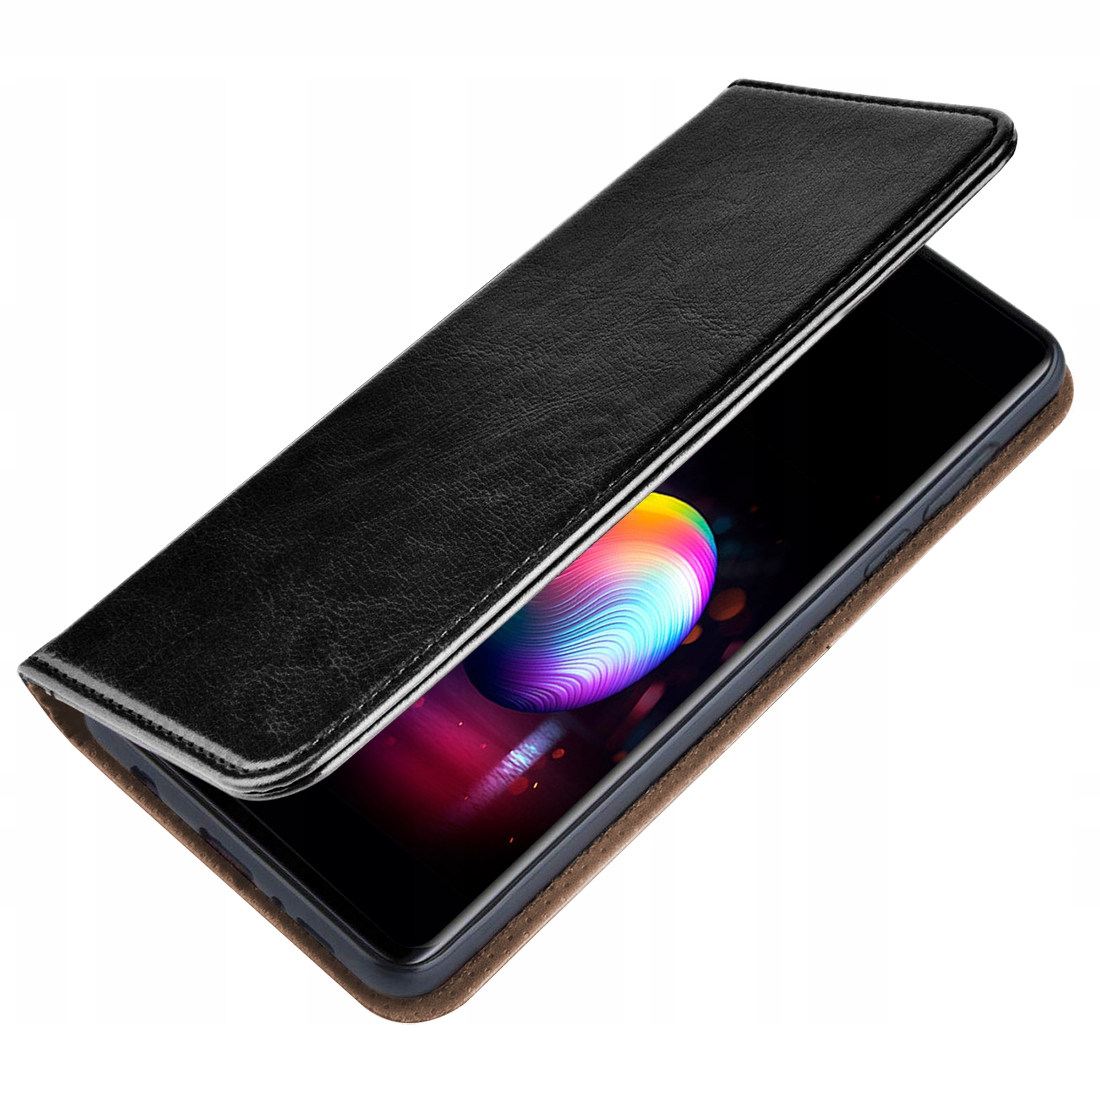 ETUI SKÓRZANE PORTFEL +SZKŁO do Samsung Galaxy M21 Dedykowany model Samsung Galaxy M21